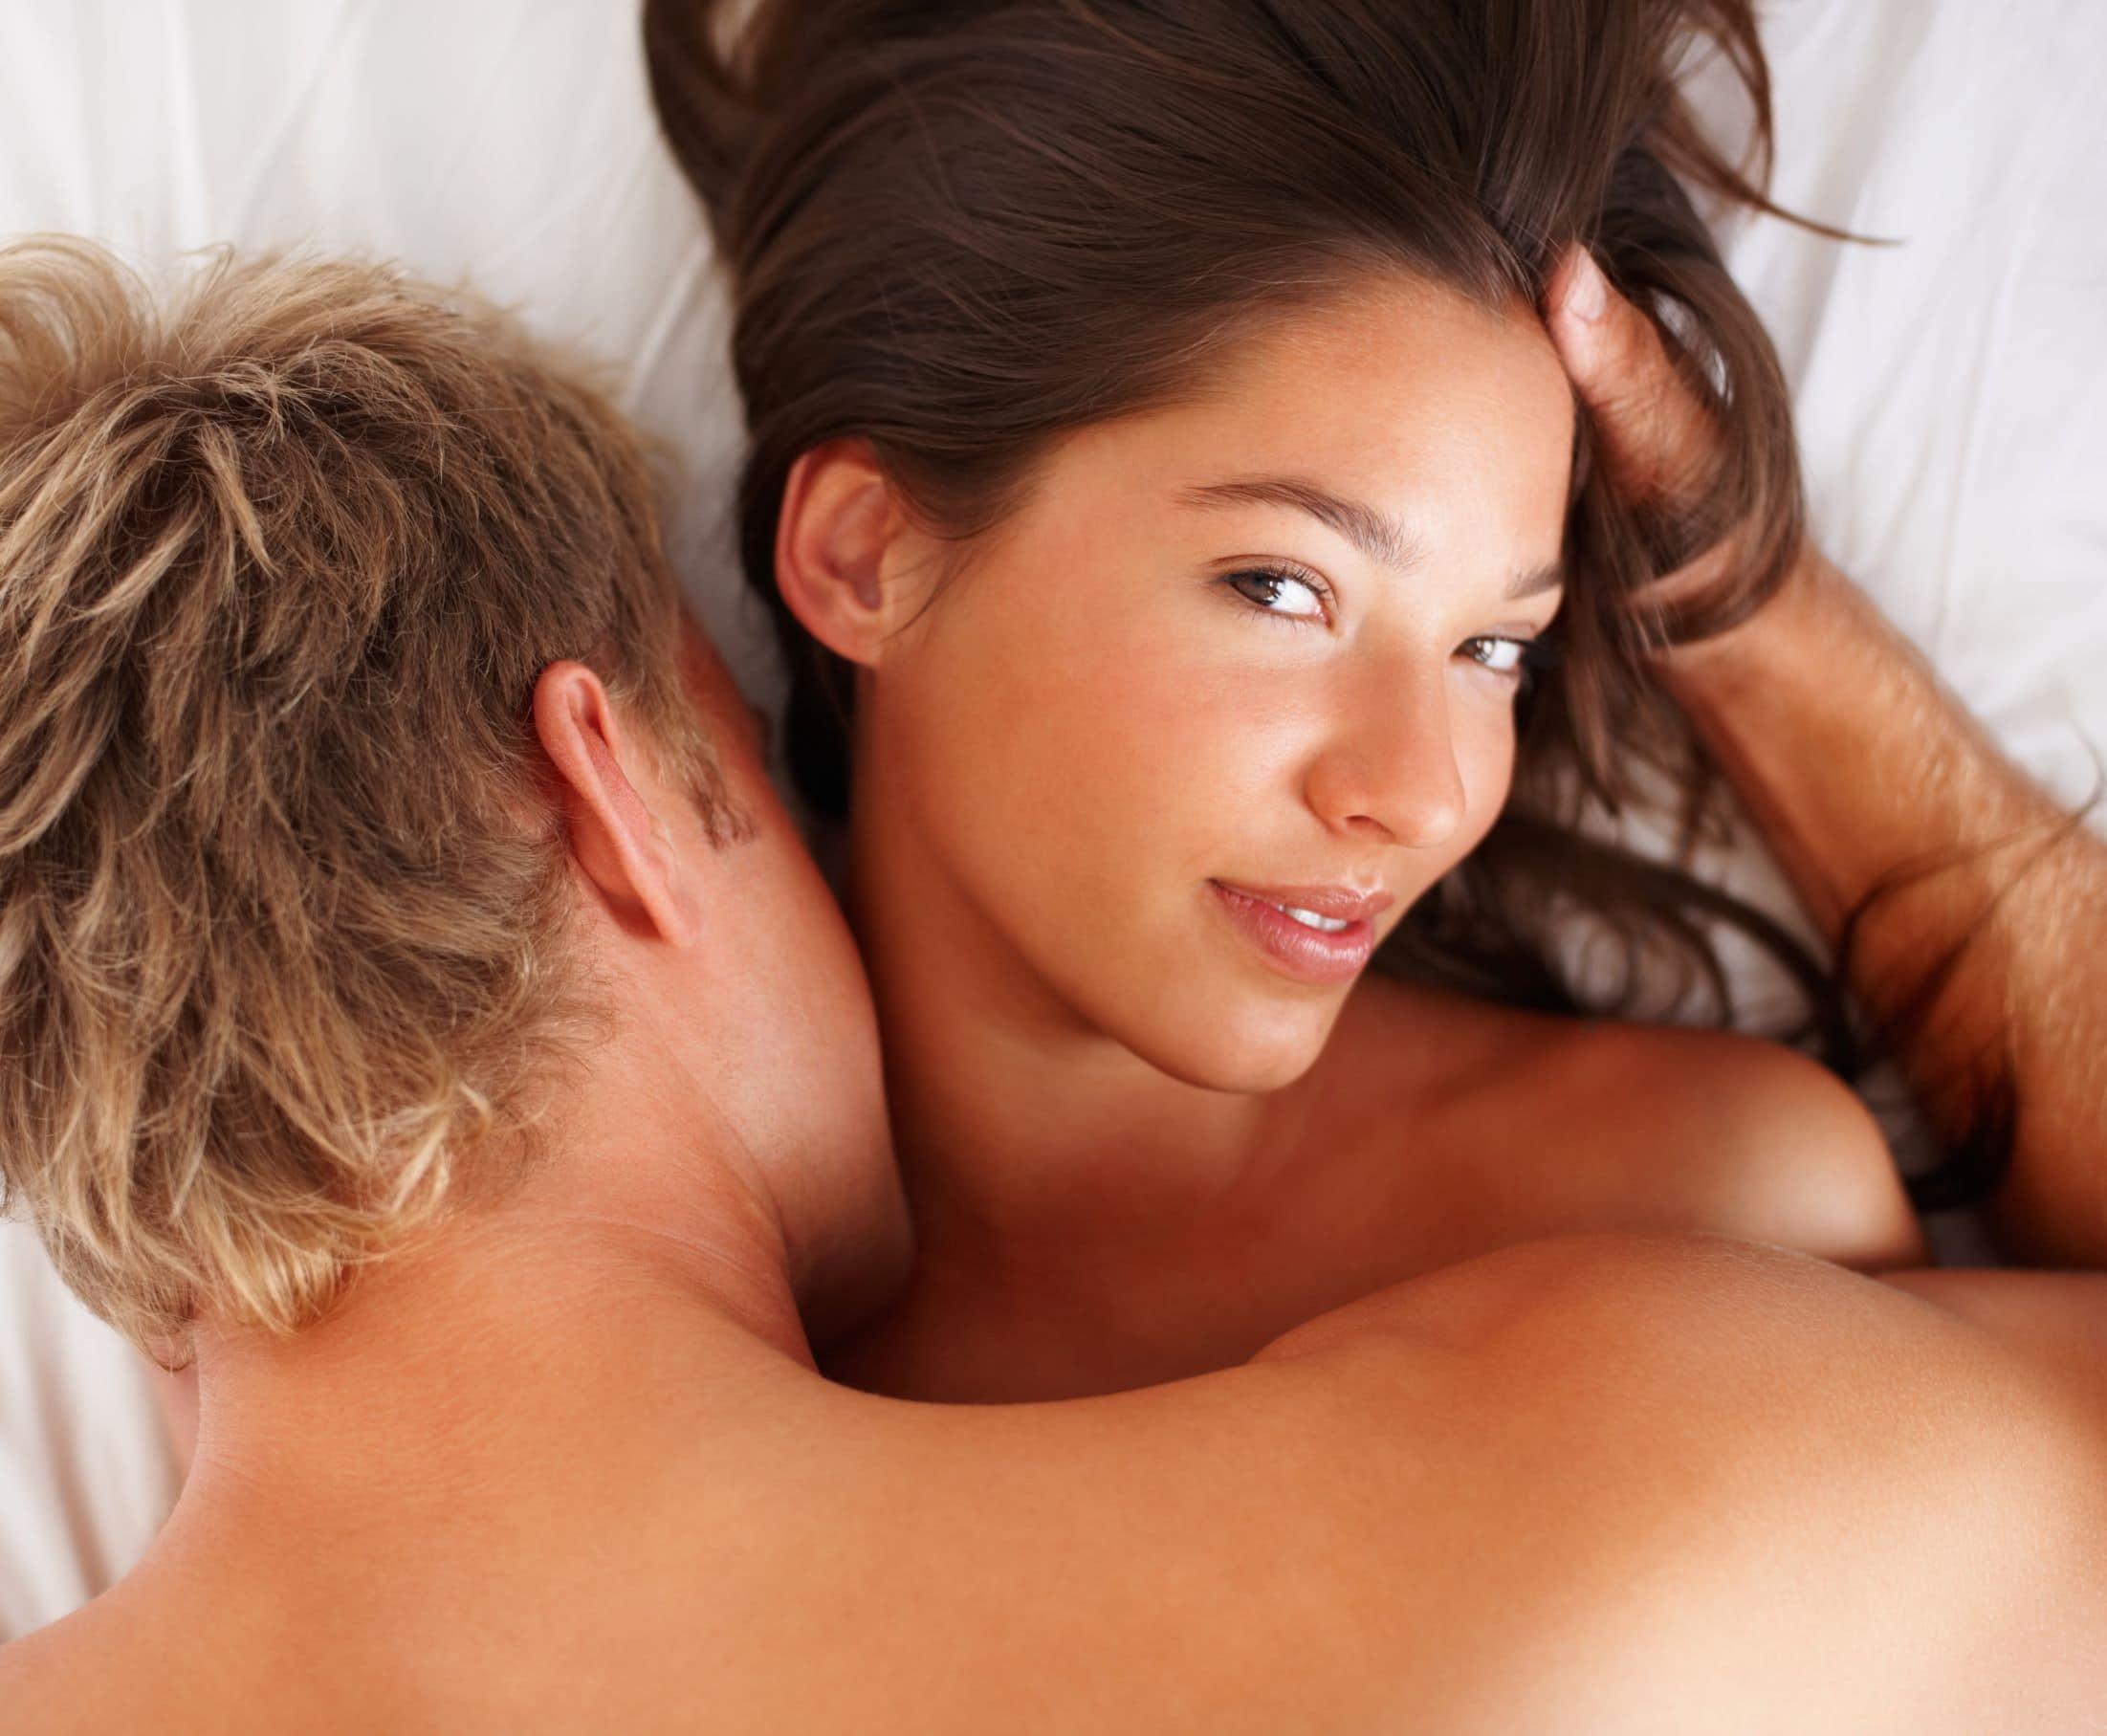 Männer schlecht im Bett